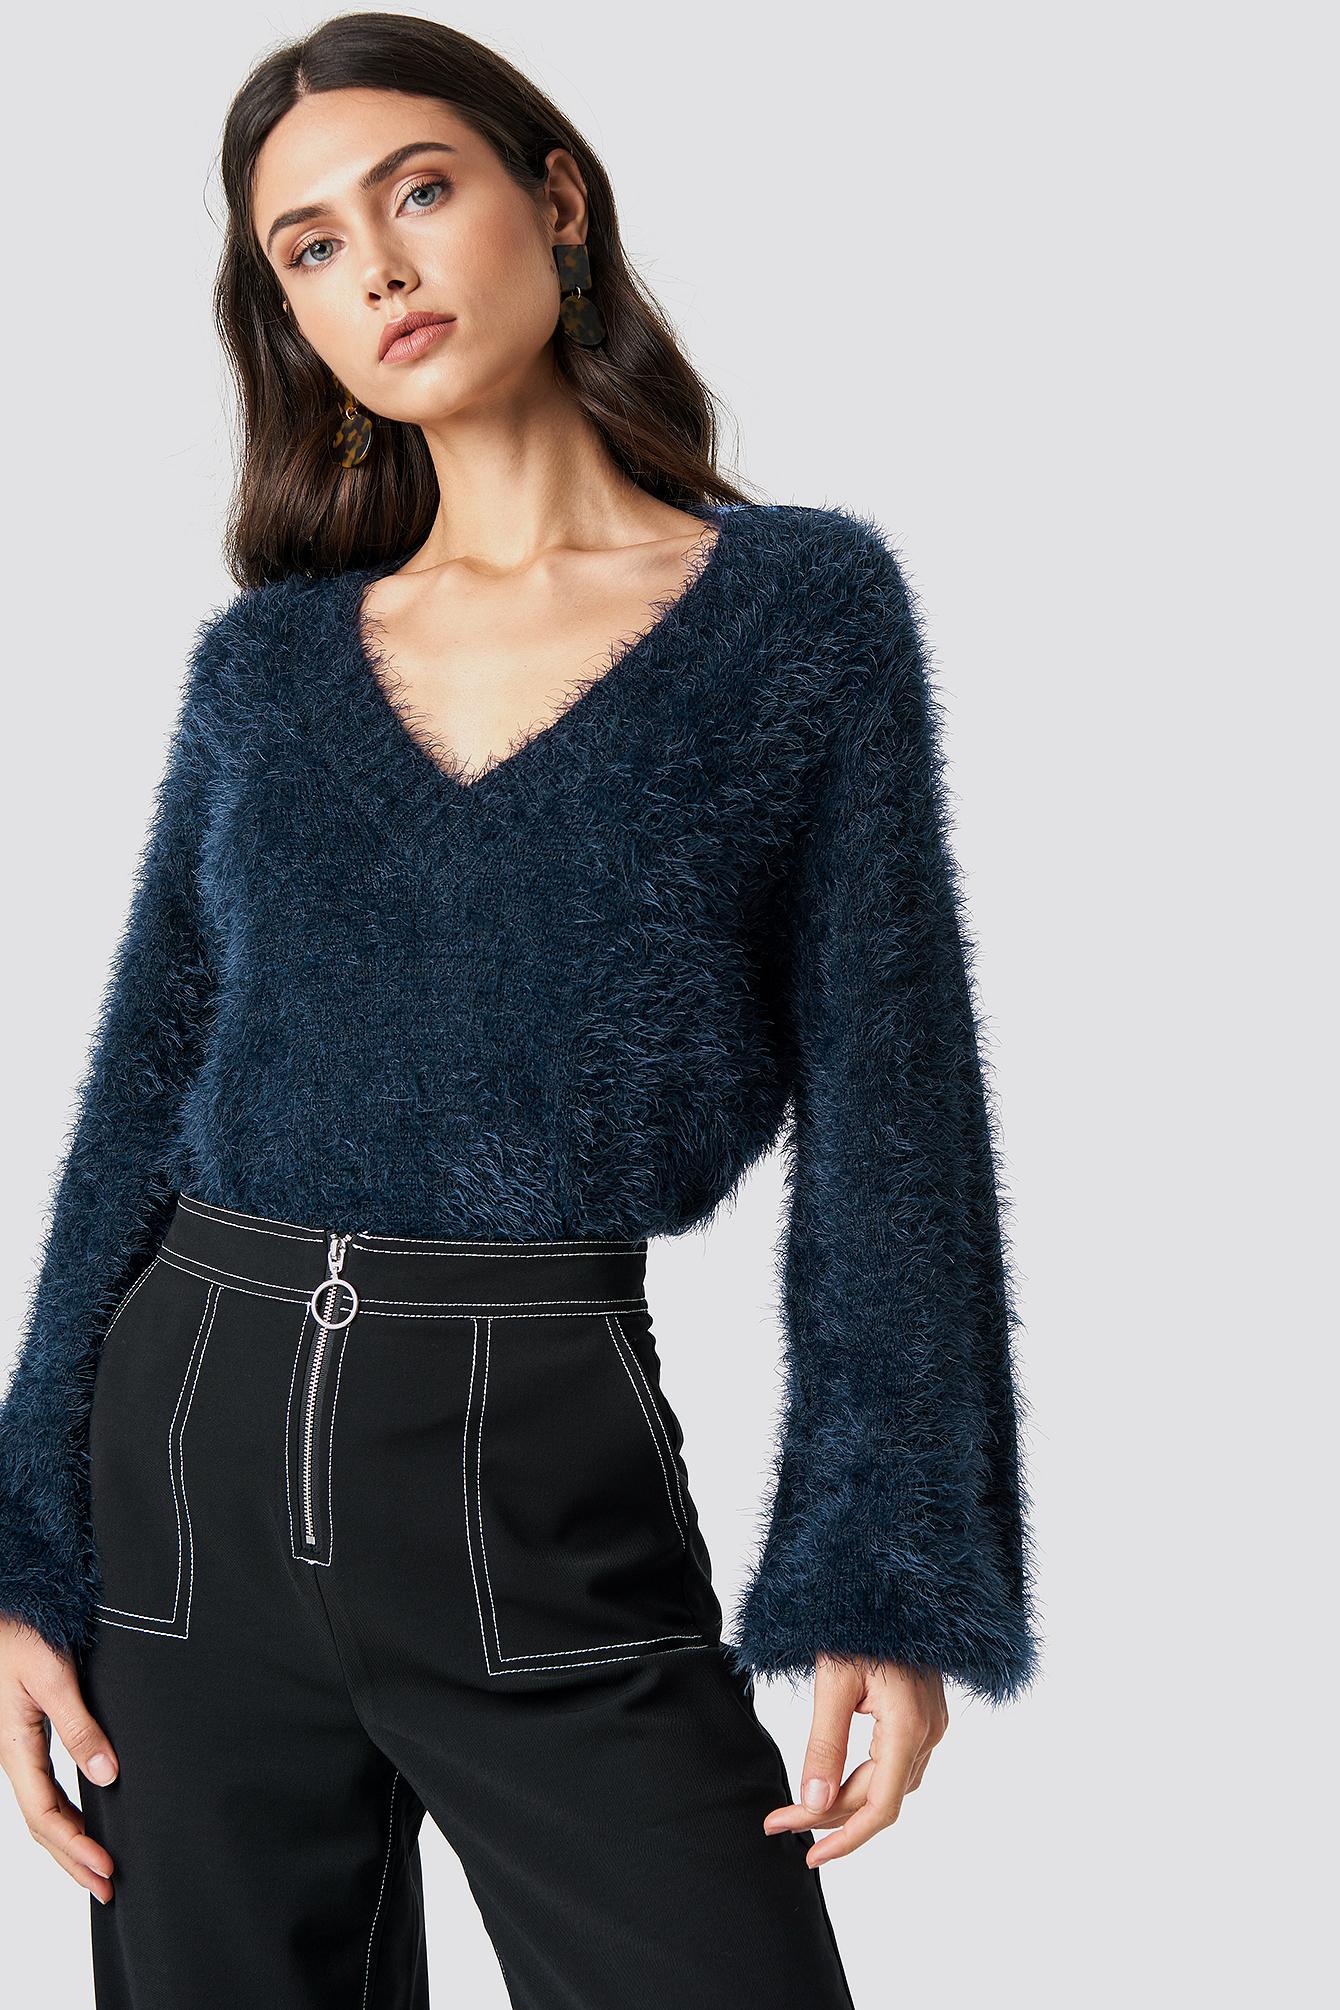 na-kd -  Hairy Deep V-neck Sweater - Navy